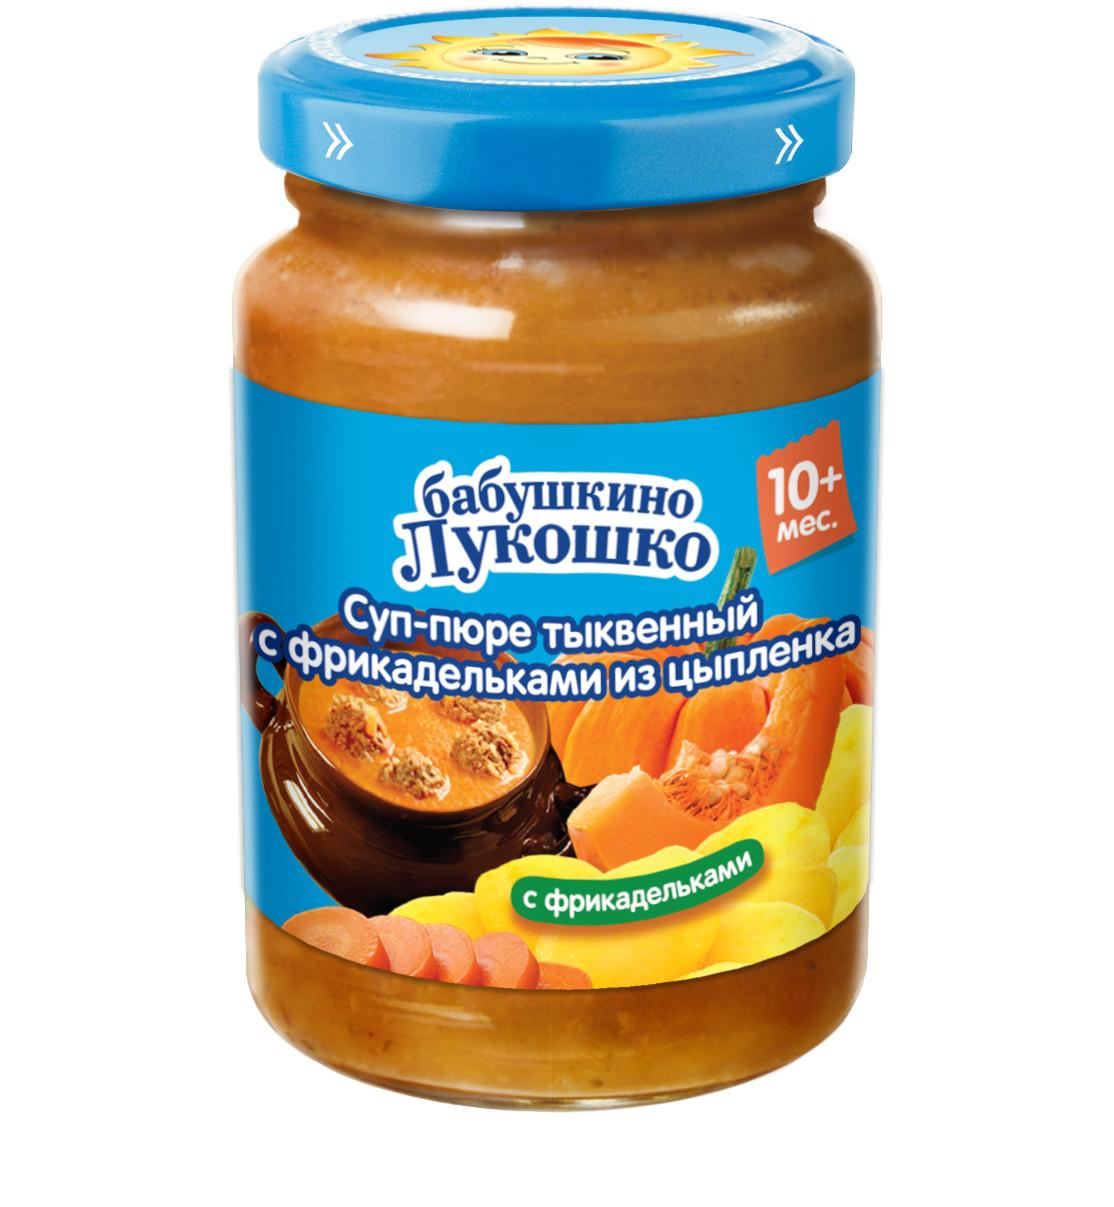 Супчики Бабушкино лукошко тыквенный с фрикадельками из цыпленка с 10 мес. 190 г пюре бабушкино лукошко фрикадельки из мяса цыплят в бульоне пюре с 8 мес 100 г